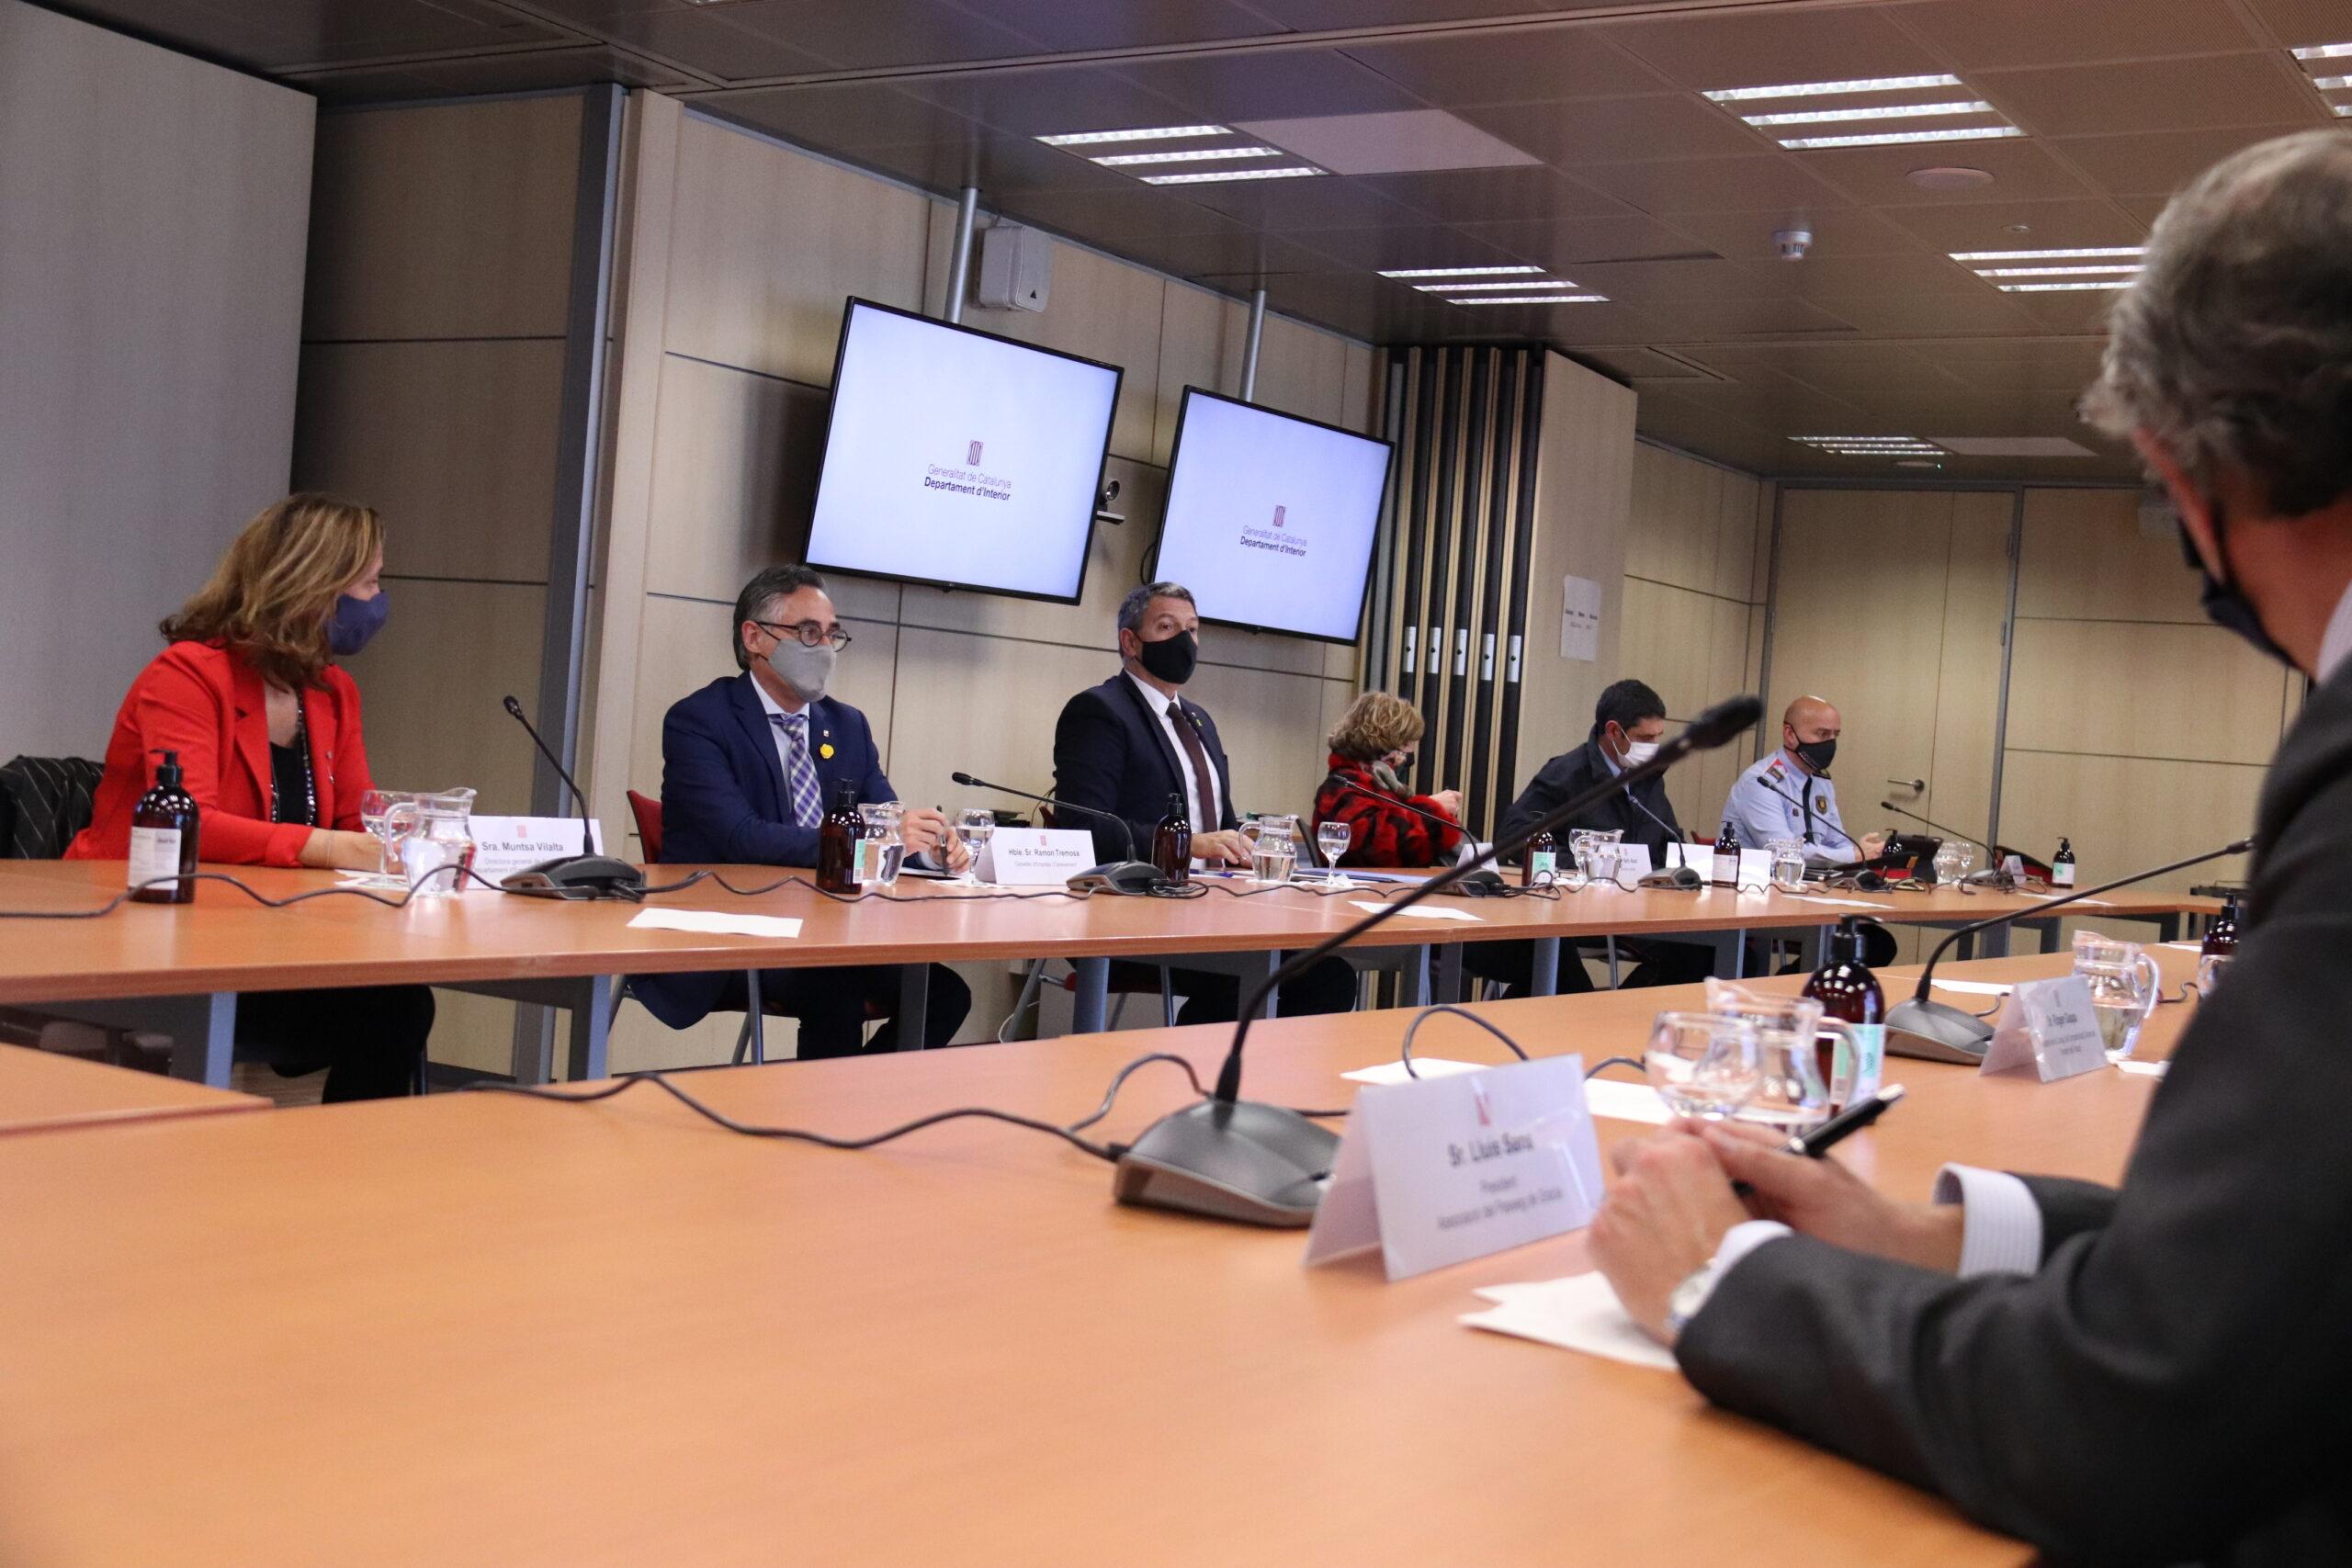 Pla mitjà del conseller d'Interior, Miquel Samper, i el conseller d'Empresa, Ramon Tremosa, en una reunió amb representants de Foment, Barcelona Oberta i l'Associació de Comerciants del Passeig de Gracia, el 25 de febrer del 2021 (Horitzontal)